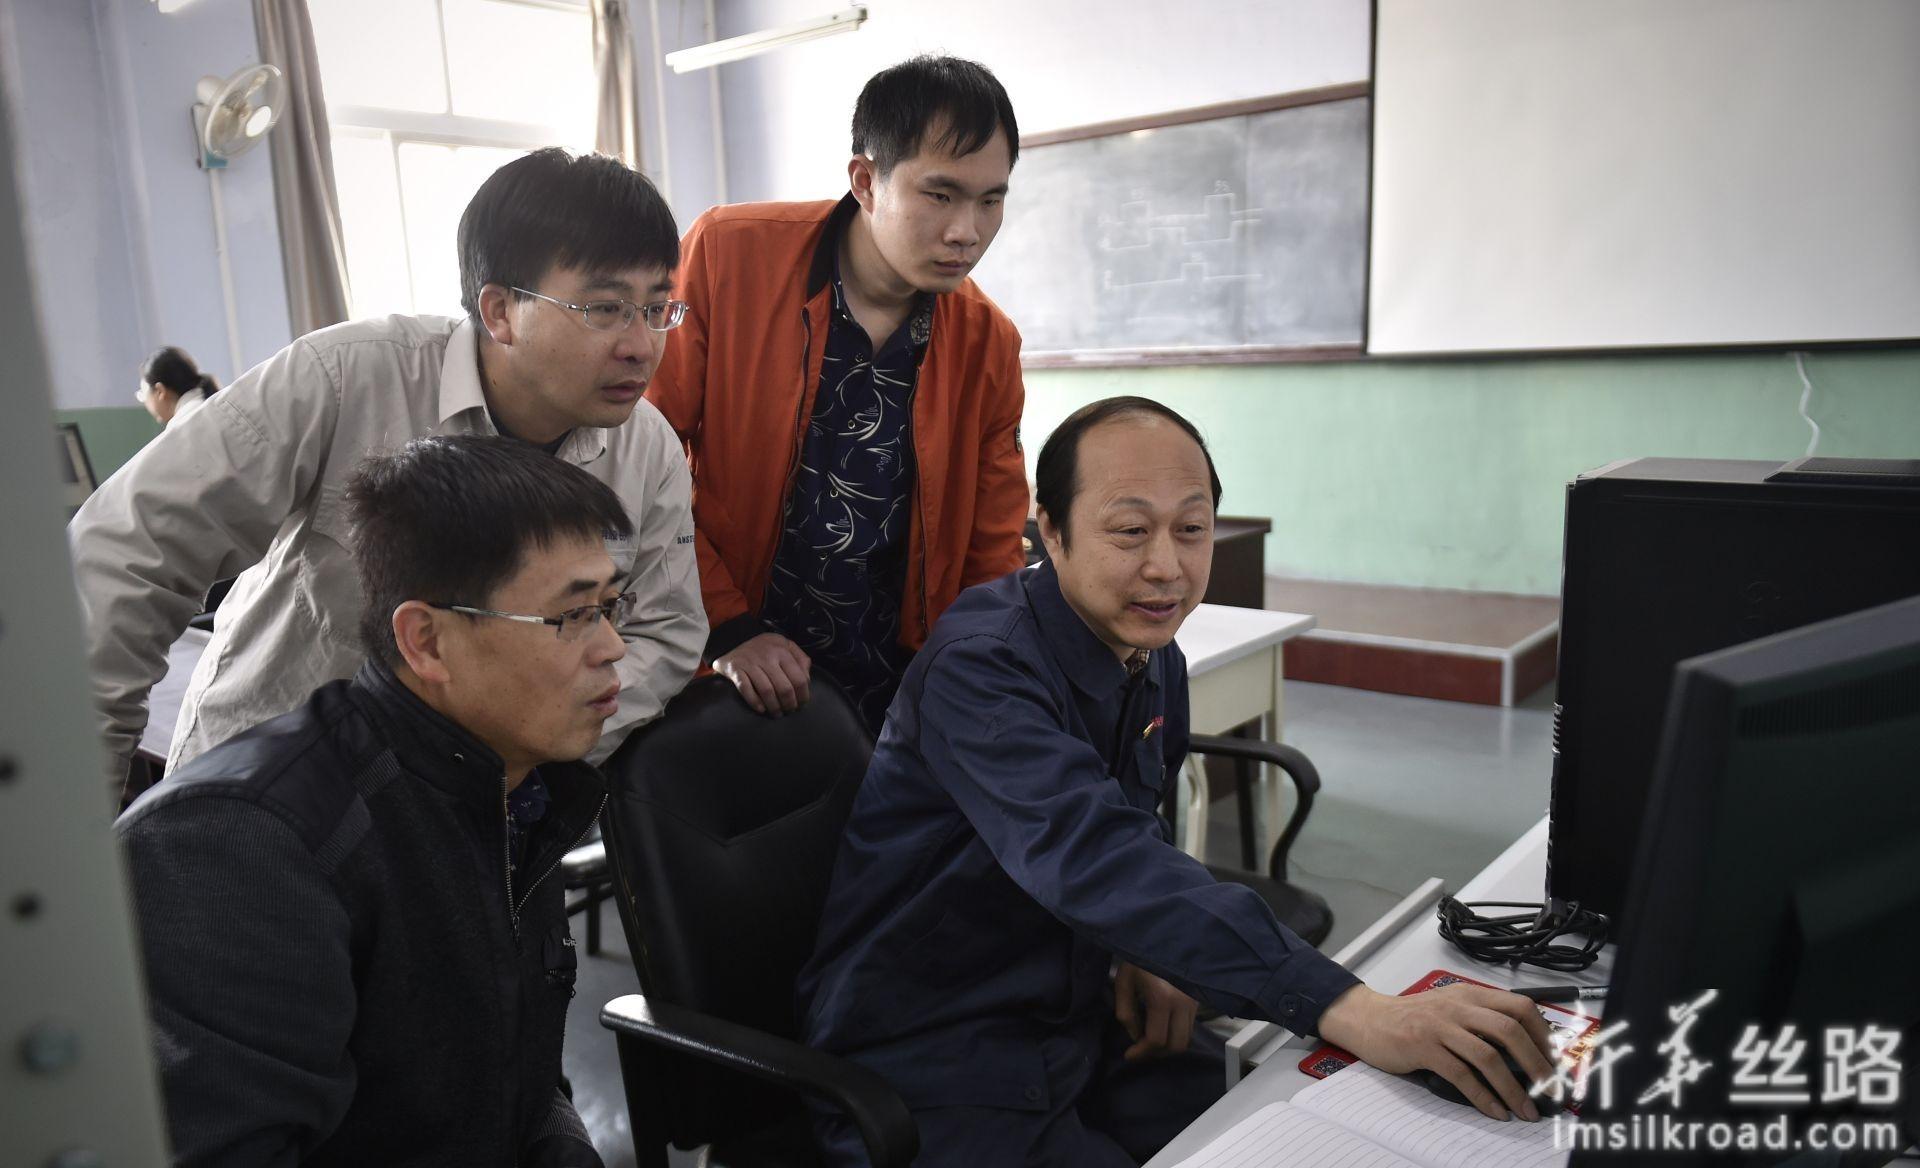 林学斌(右一)在鞍钢职工大学里和同学交流(4月28日摄)。新华社记者 姚剑锋 摄